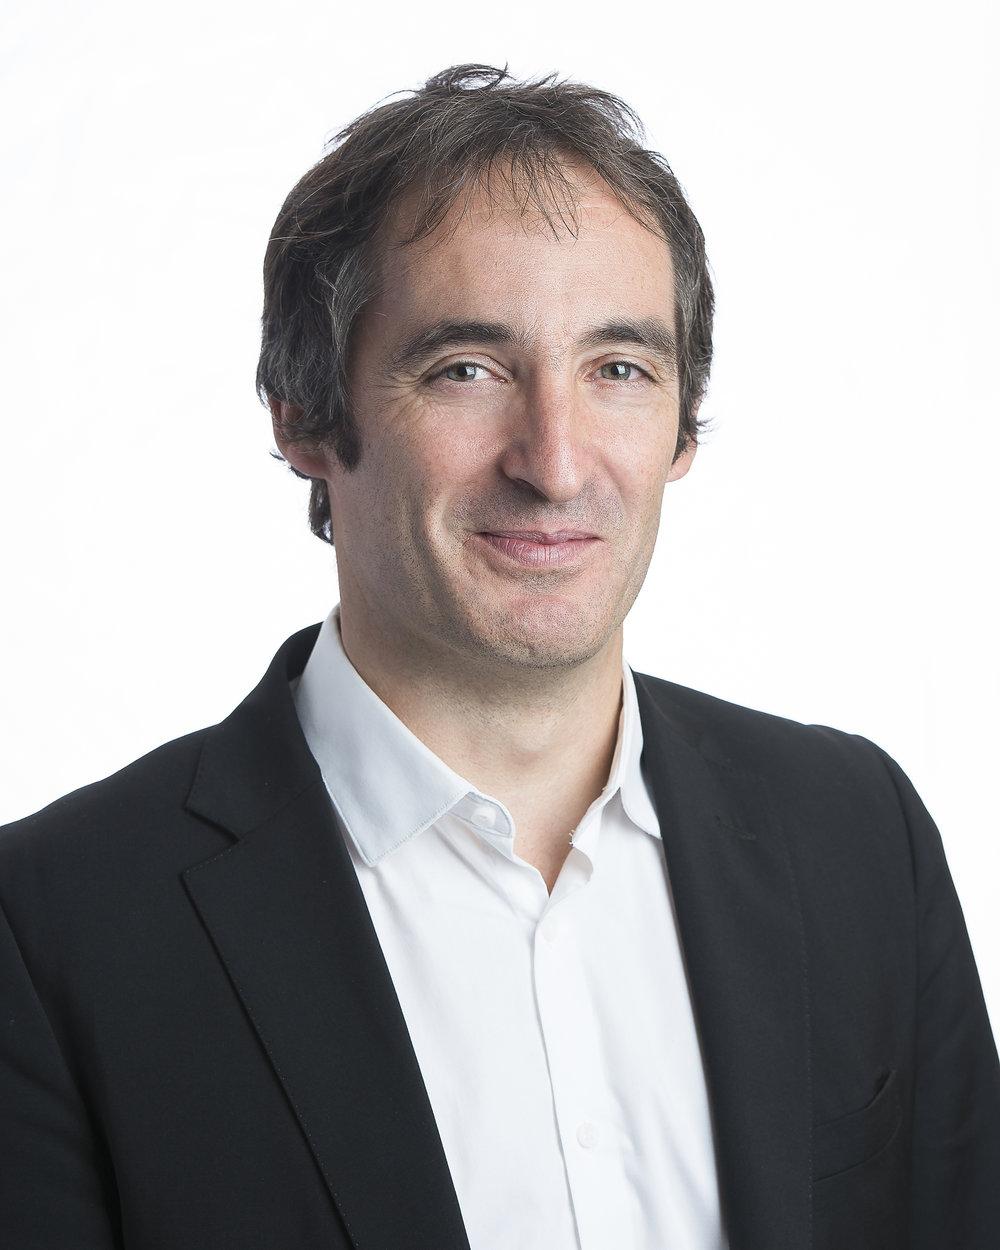 Luc Bodiguel, Directeur de recherche,CNRS, Université de Nantes, France